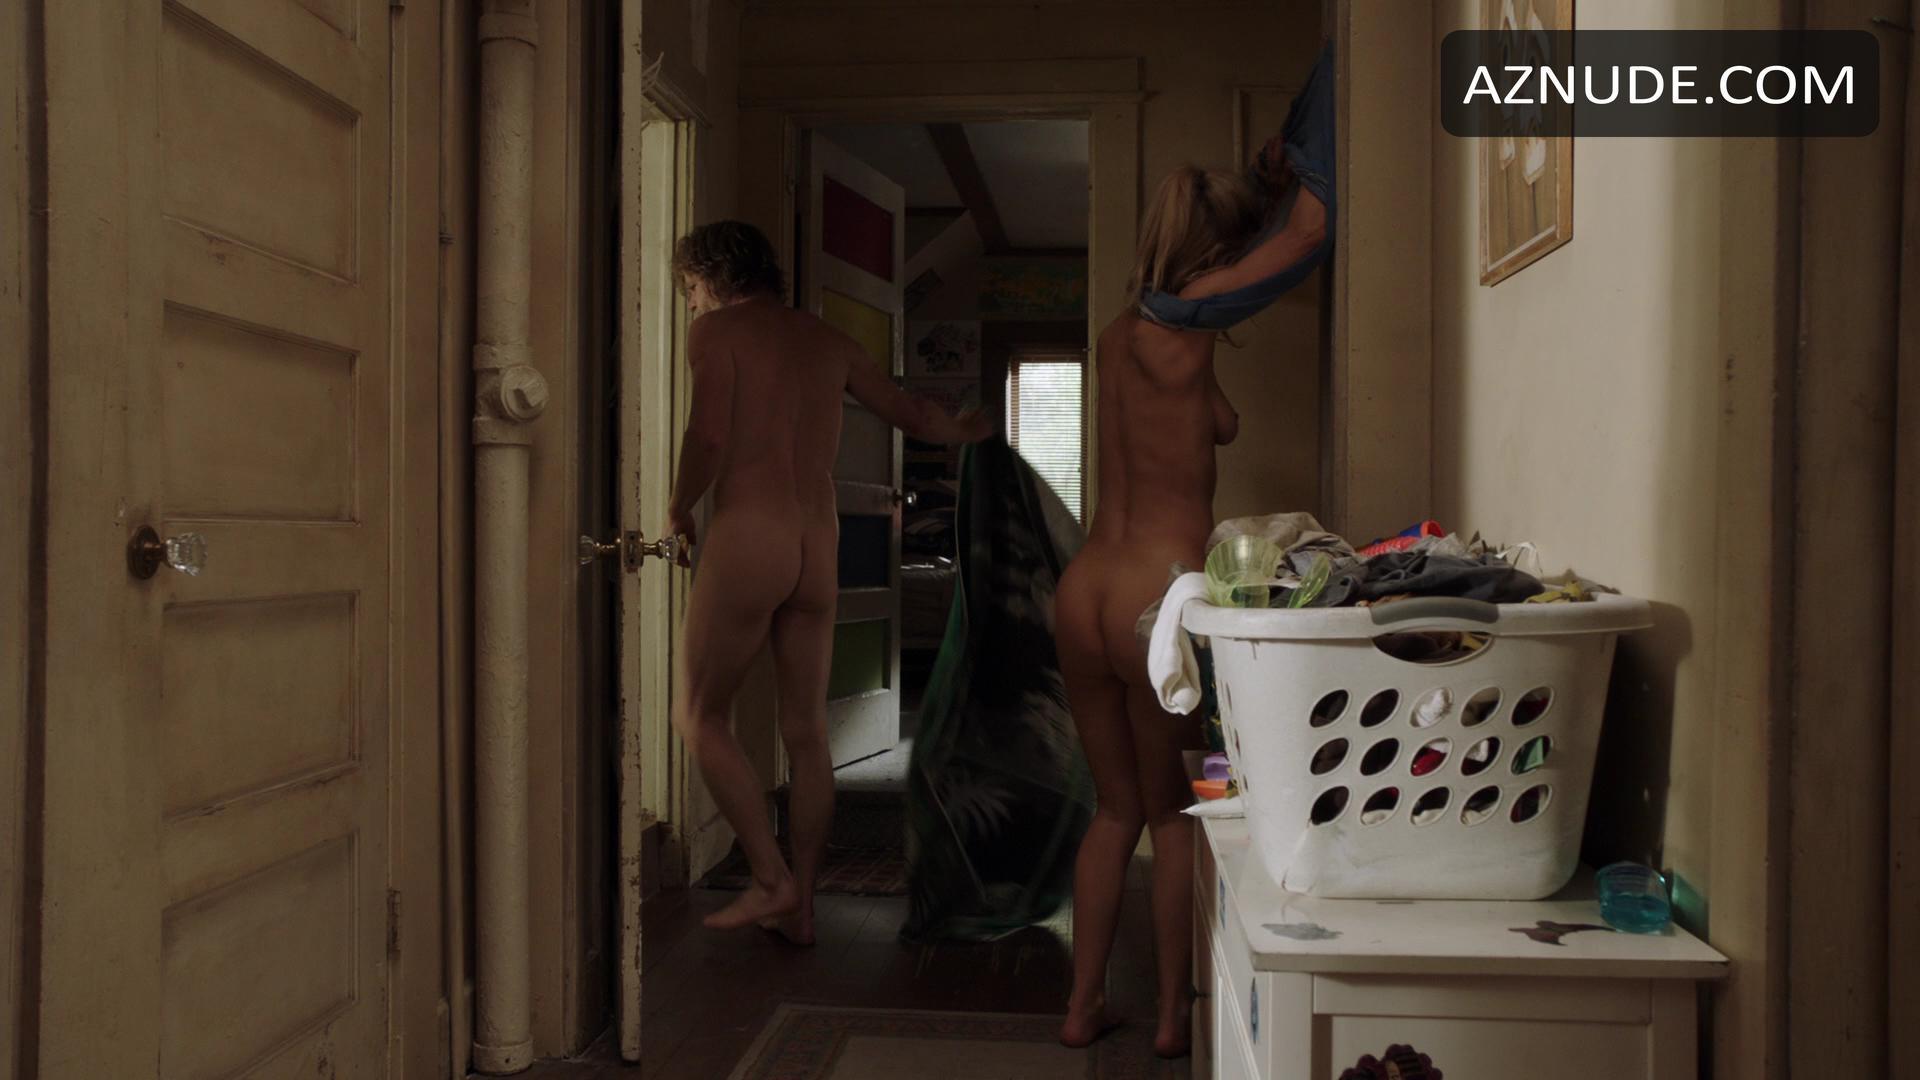 men of shameless naked